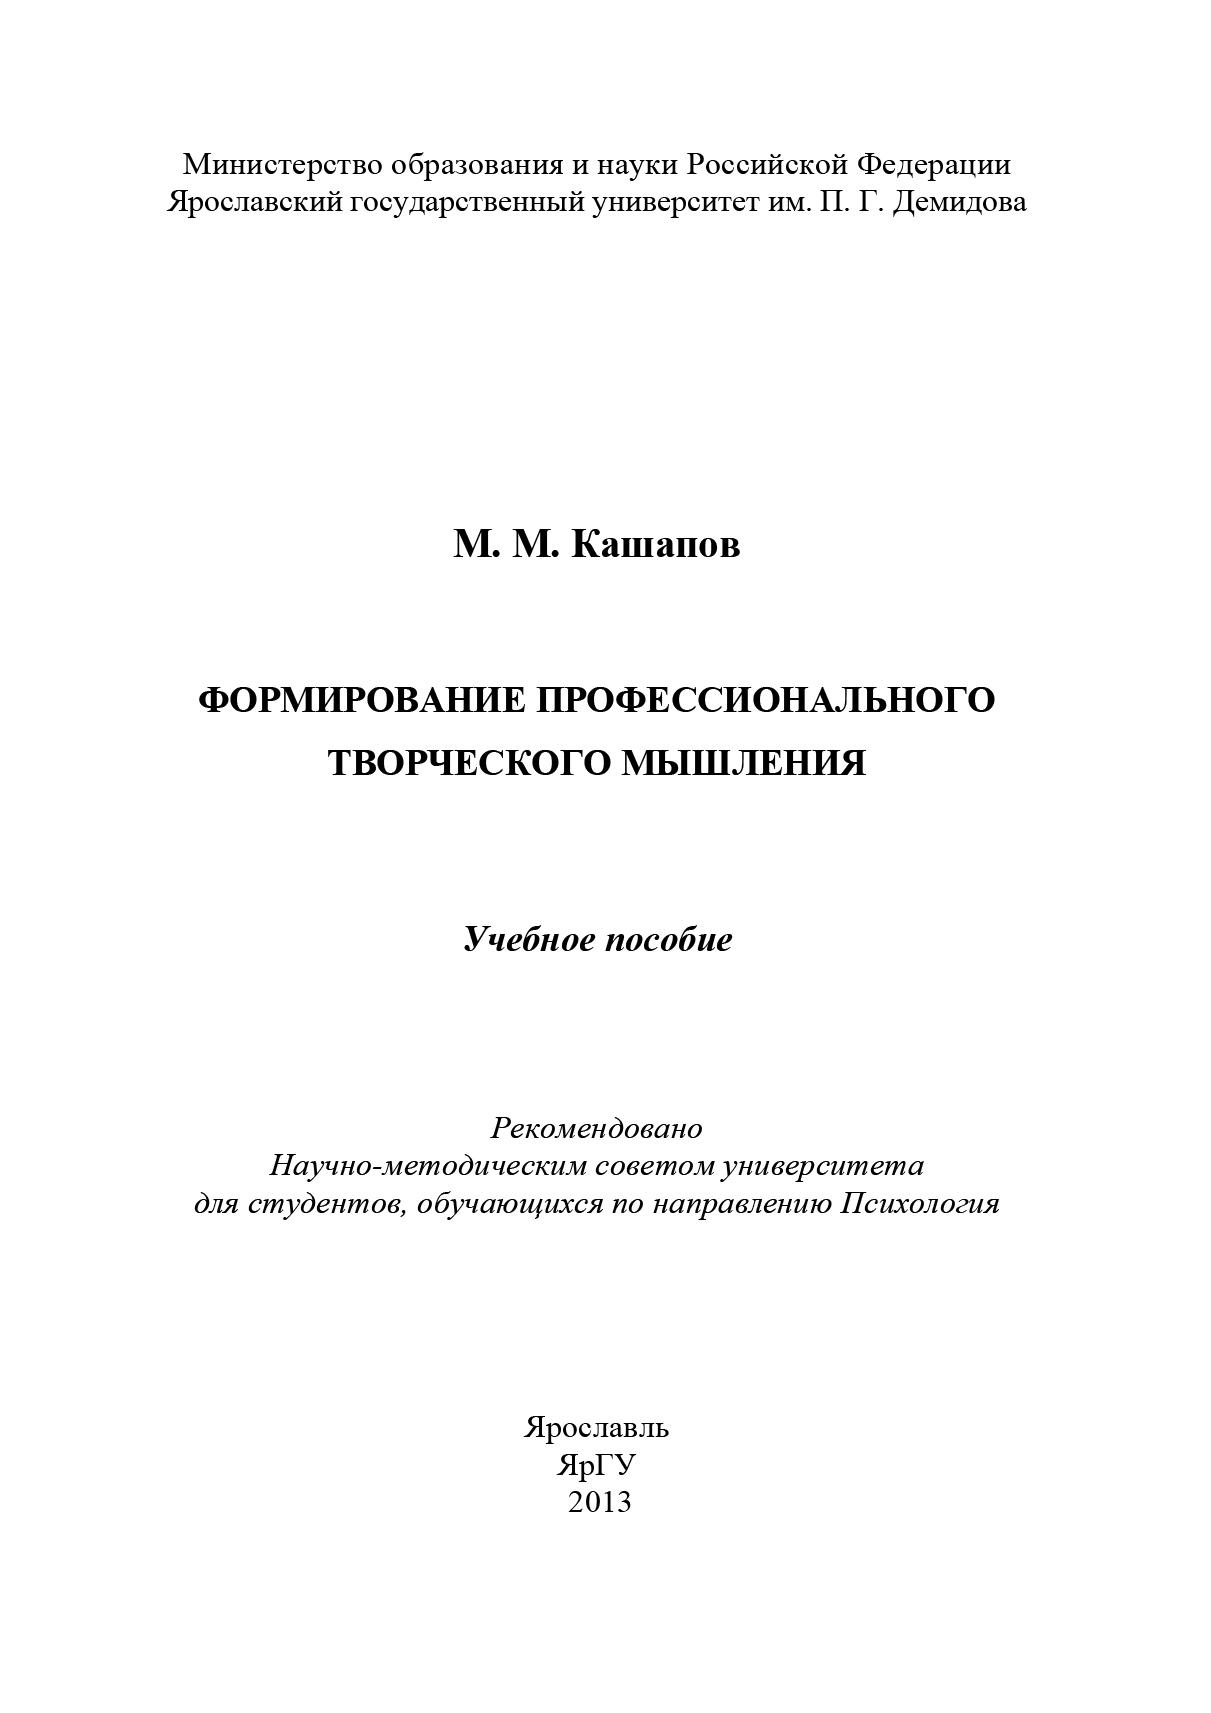 Мергаляс Кашапов «Формирование профессионального творческого мышления»